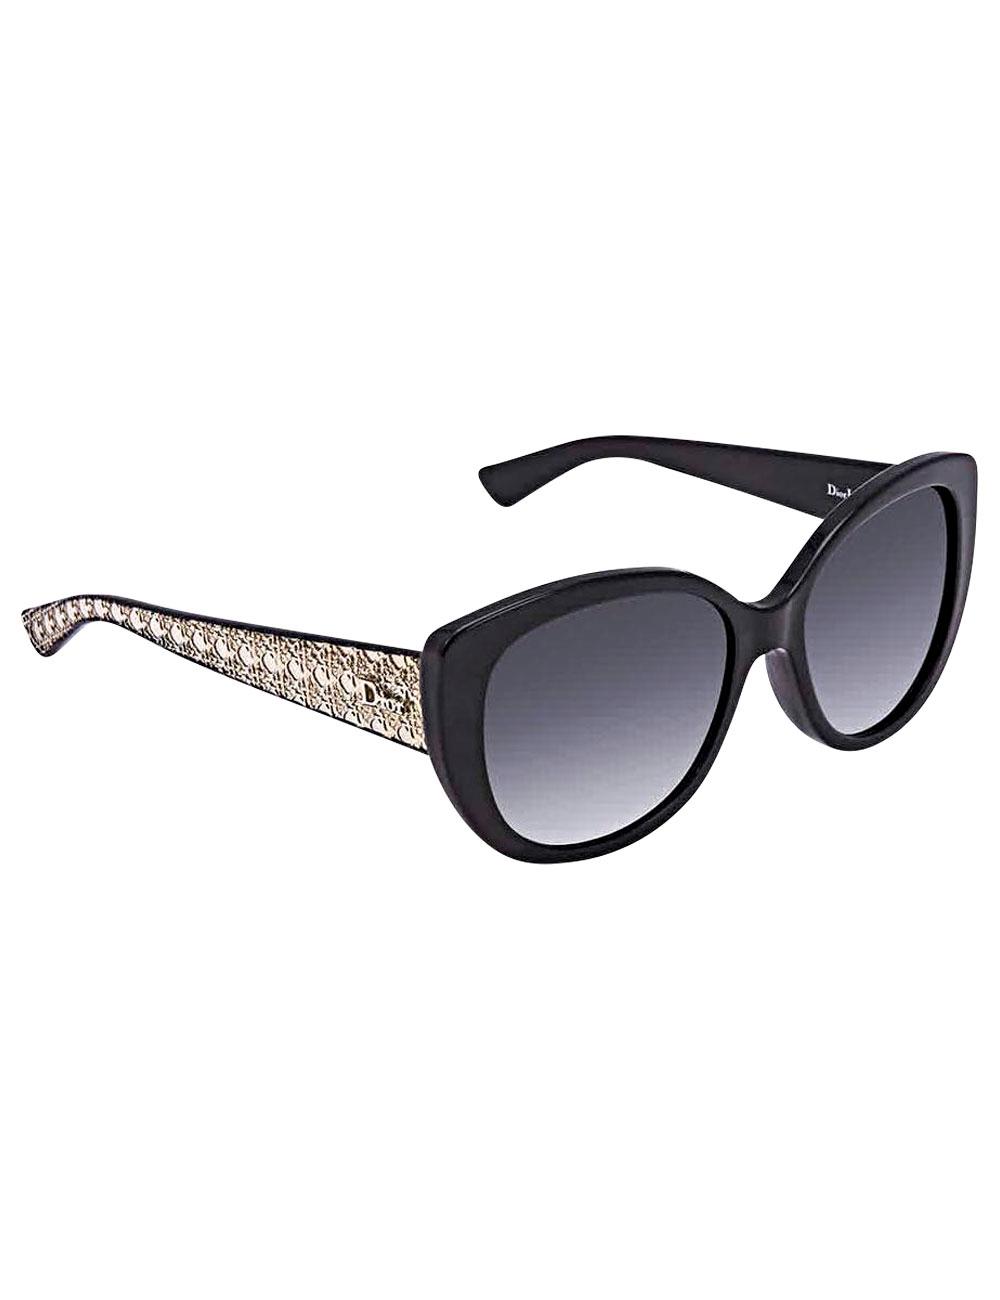 5f5224cbe5 Lunettes de soleil Dior femmes, noir